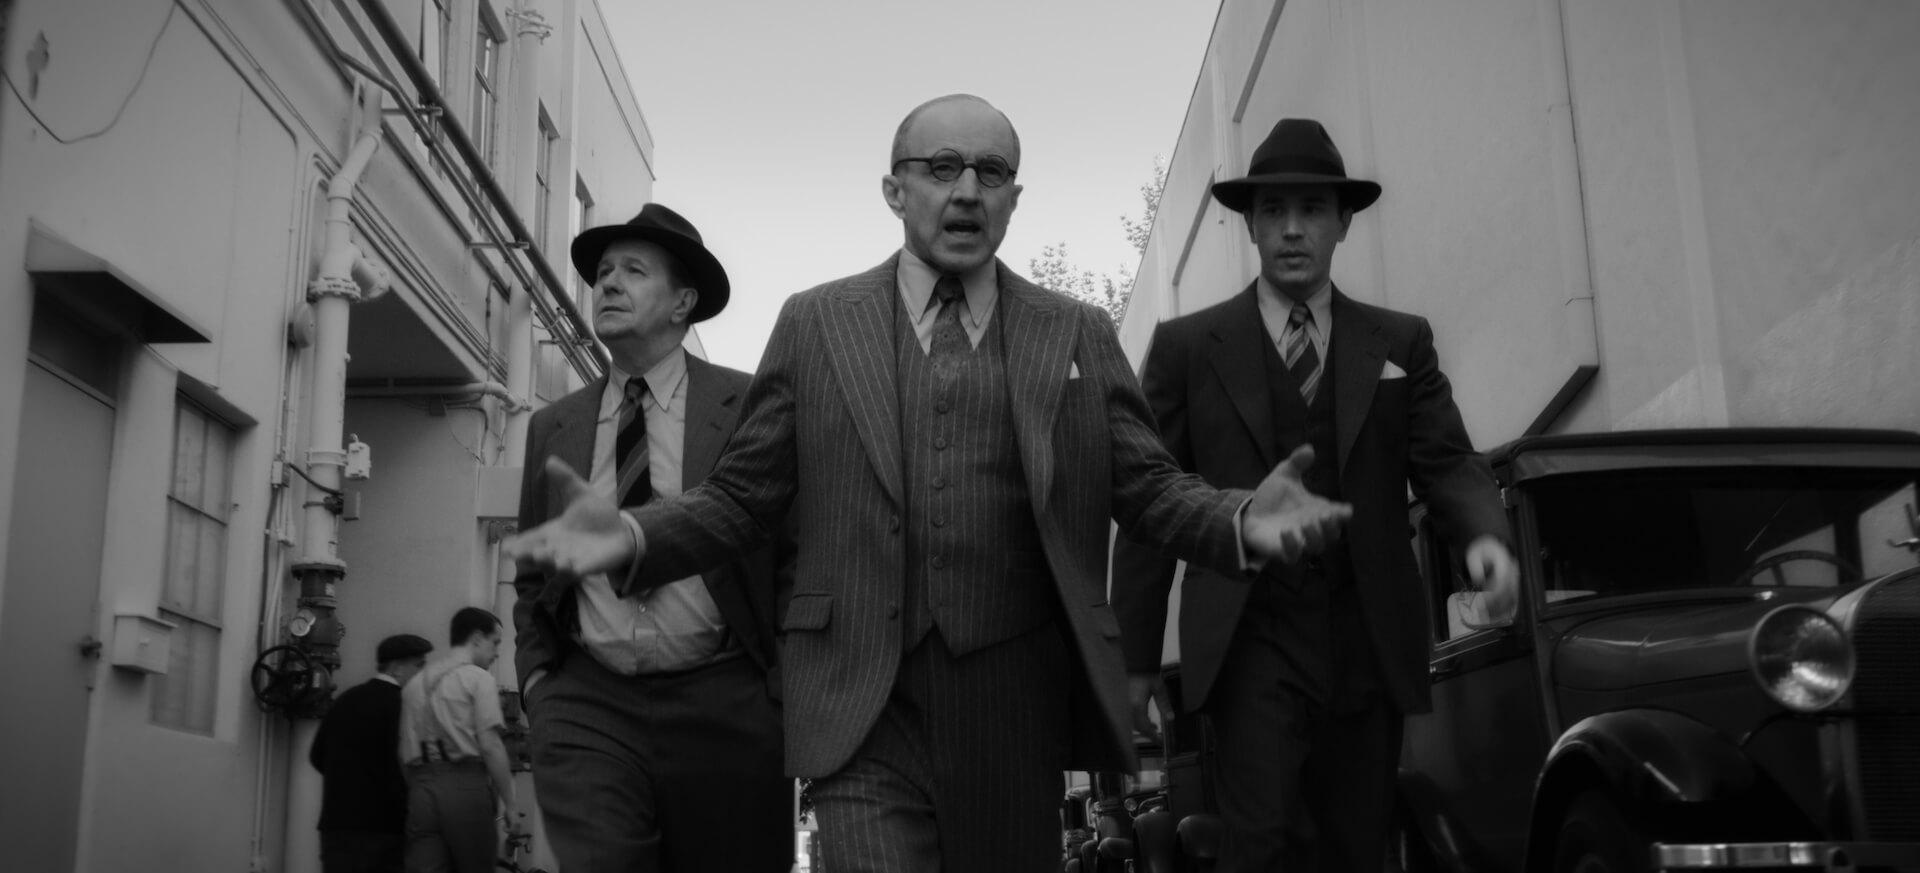 デヴィッド・フィンチャー×ゲイリー・オールドマンで注目のNetflix『Mank/マンク』が全国各地の映画館で上映決定!モノクロで統一された場面写真も解禁 film201104_mank_3